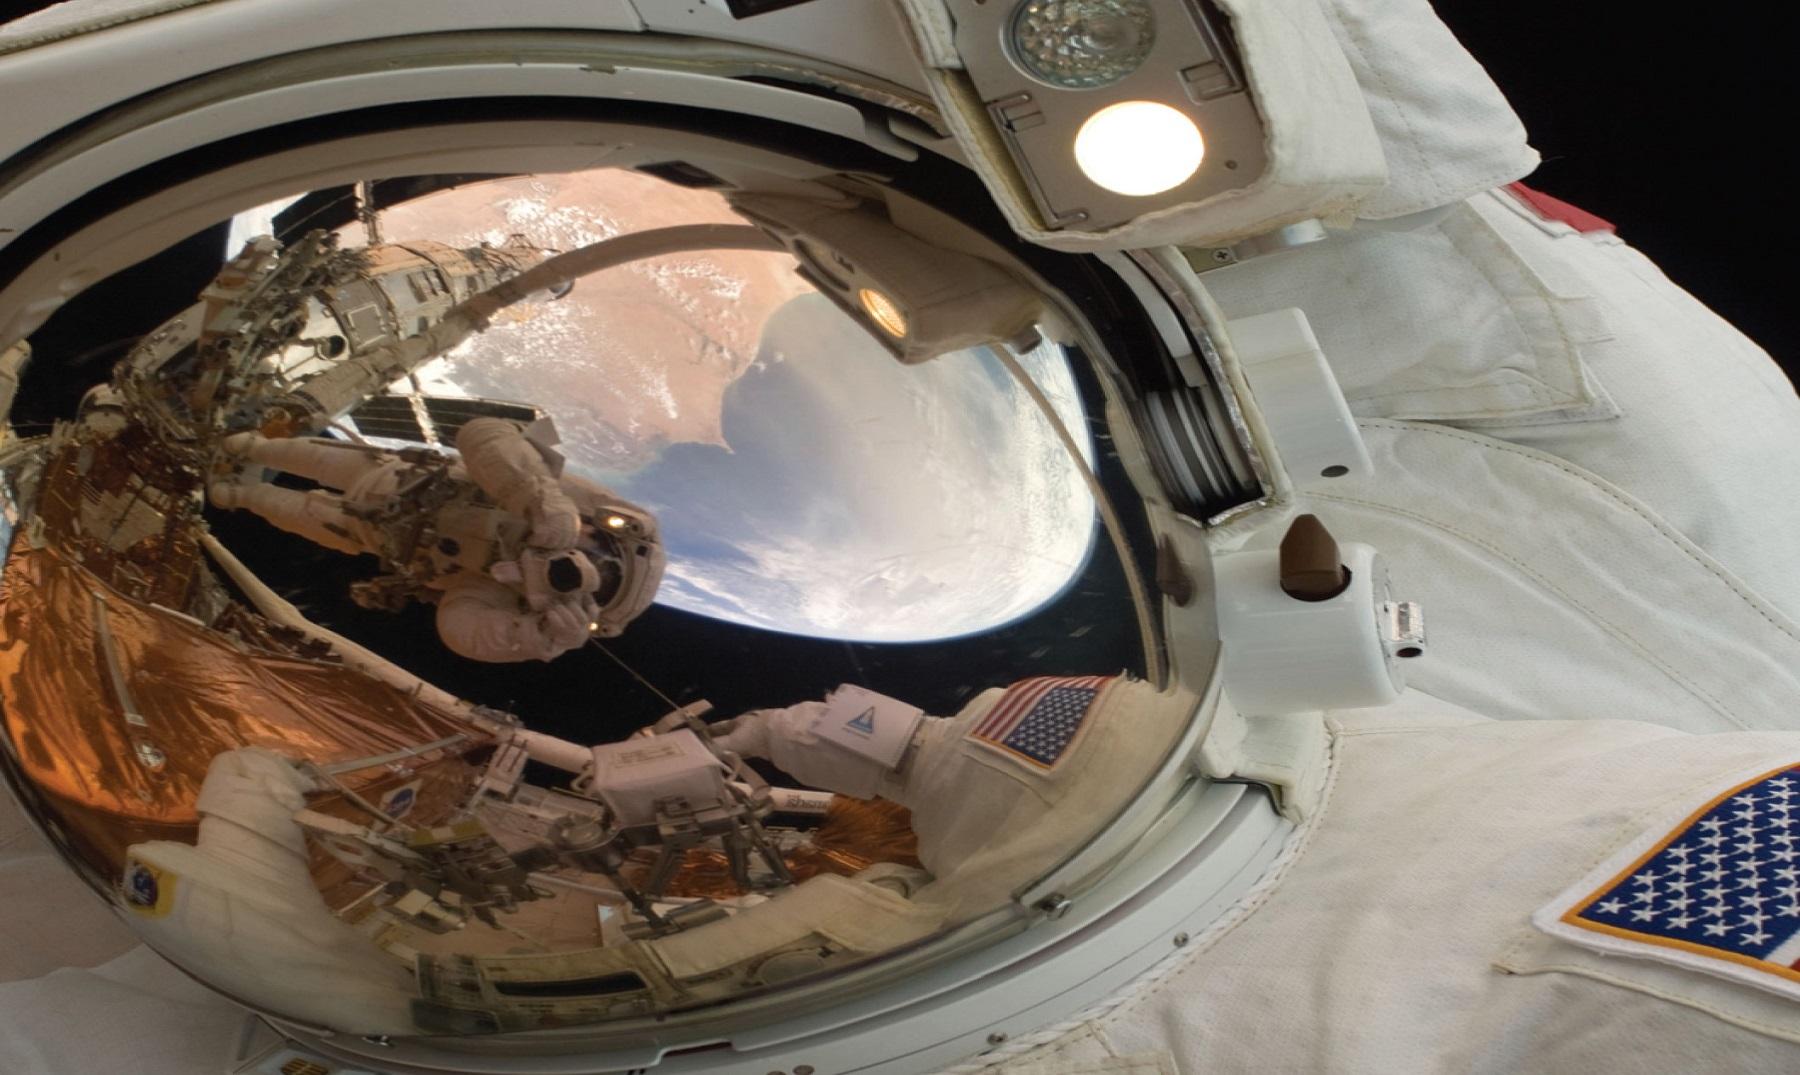 La historia de los 3 astronautas que murieron sonriendo